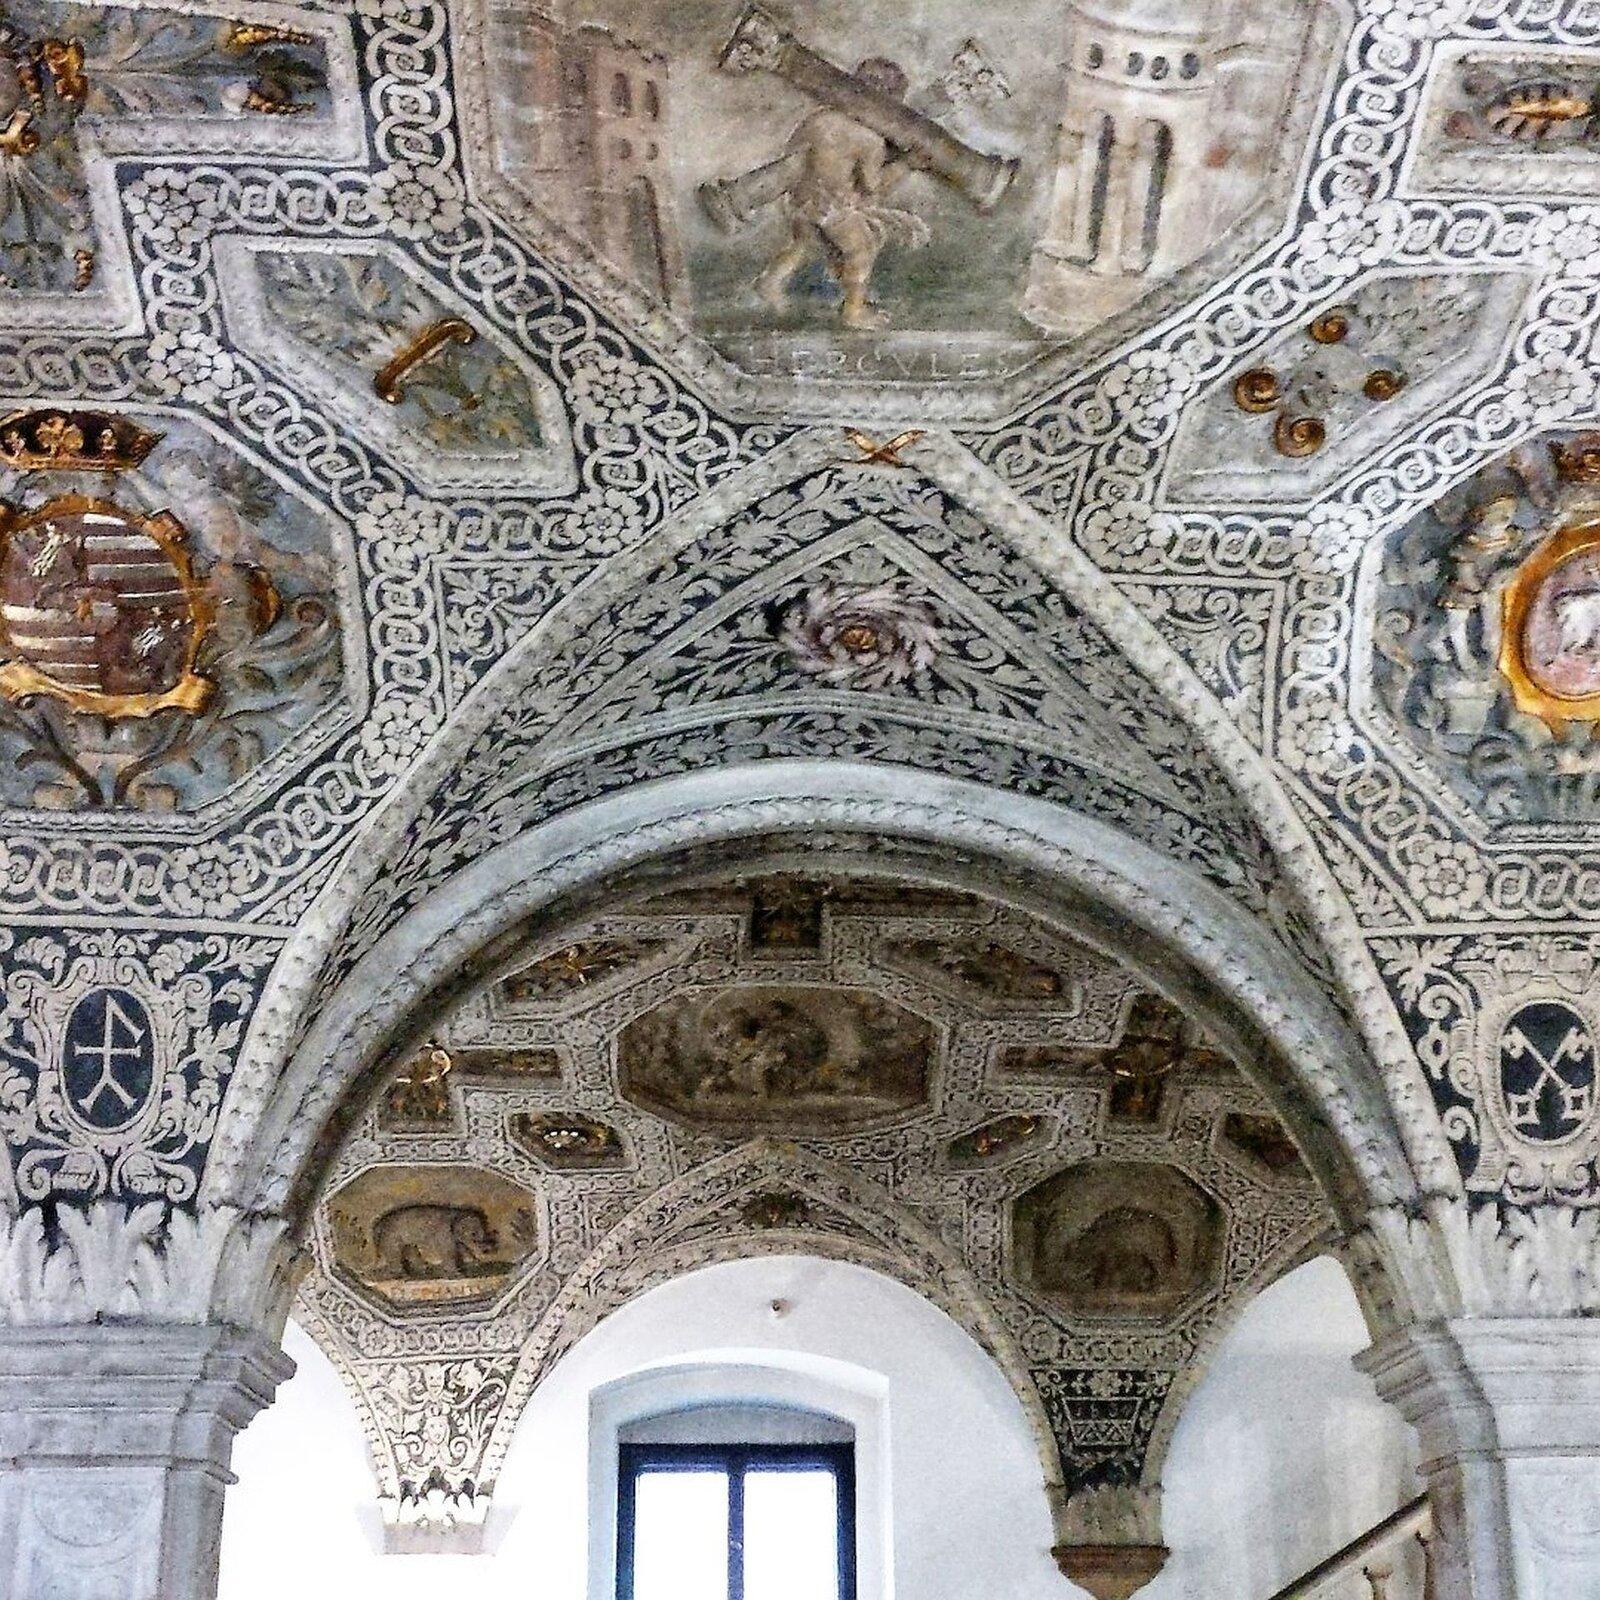 lustracja przedstawia sufit sali rycerskiej wpoznańskim ratuszu. Sufit ten jest bardzo bogato zdobiony. Widoczne są na nim kolorowe ornamenty.